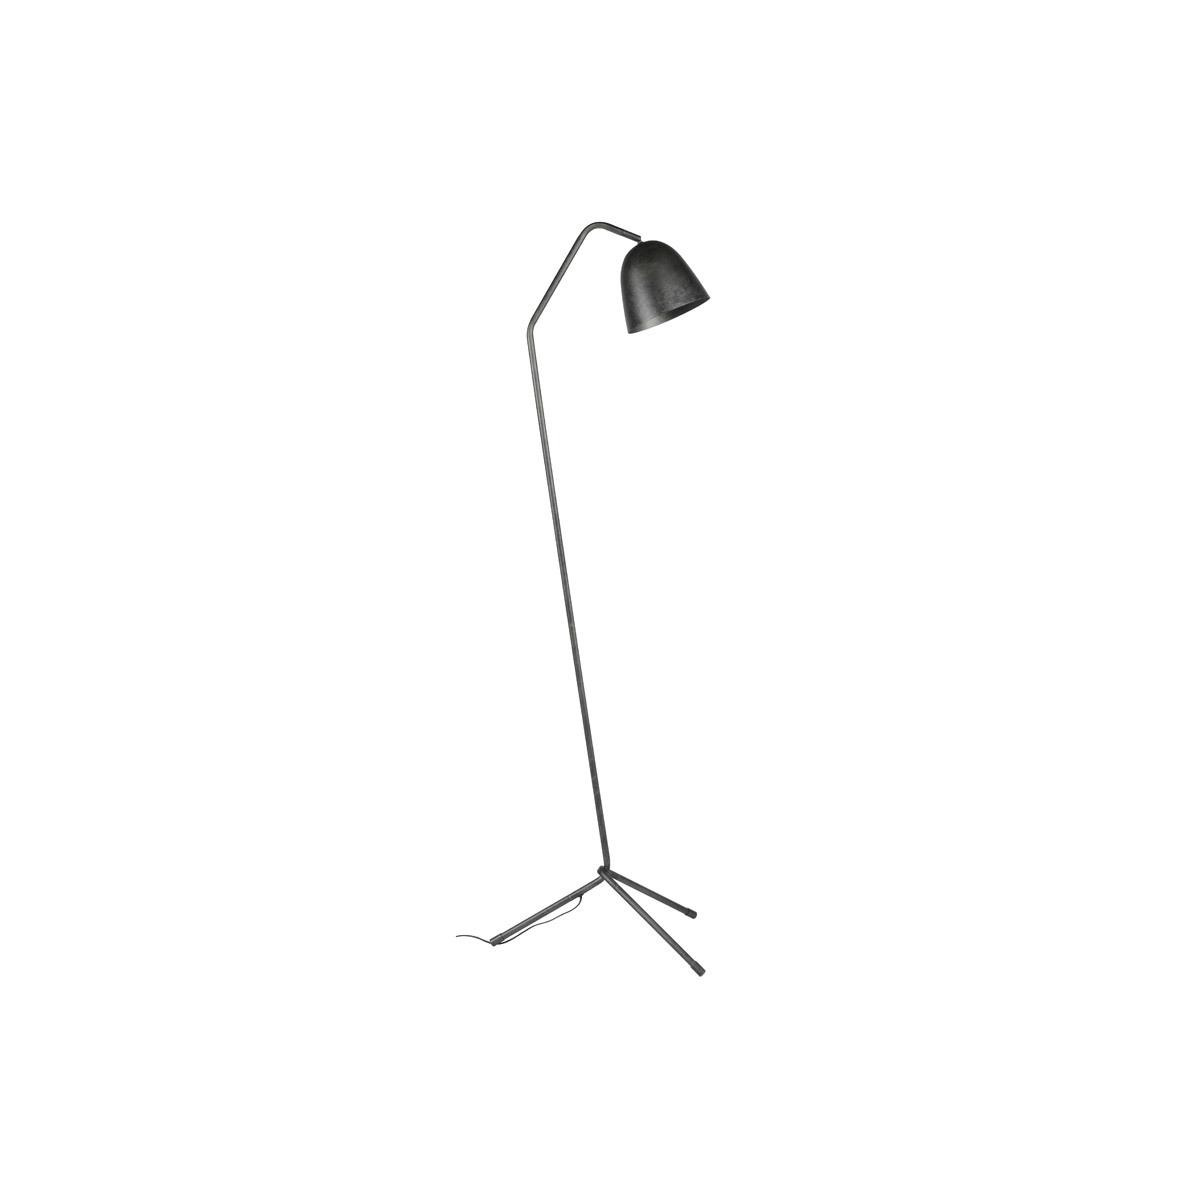 Lampada design treppiede in metallo antracite TRYO